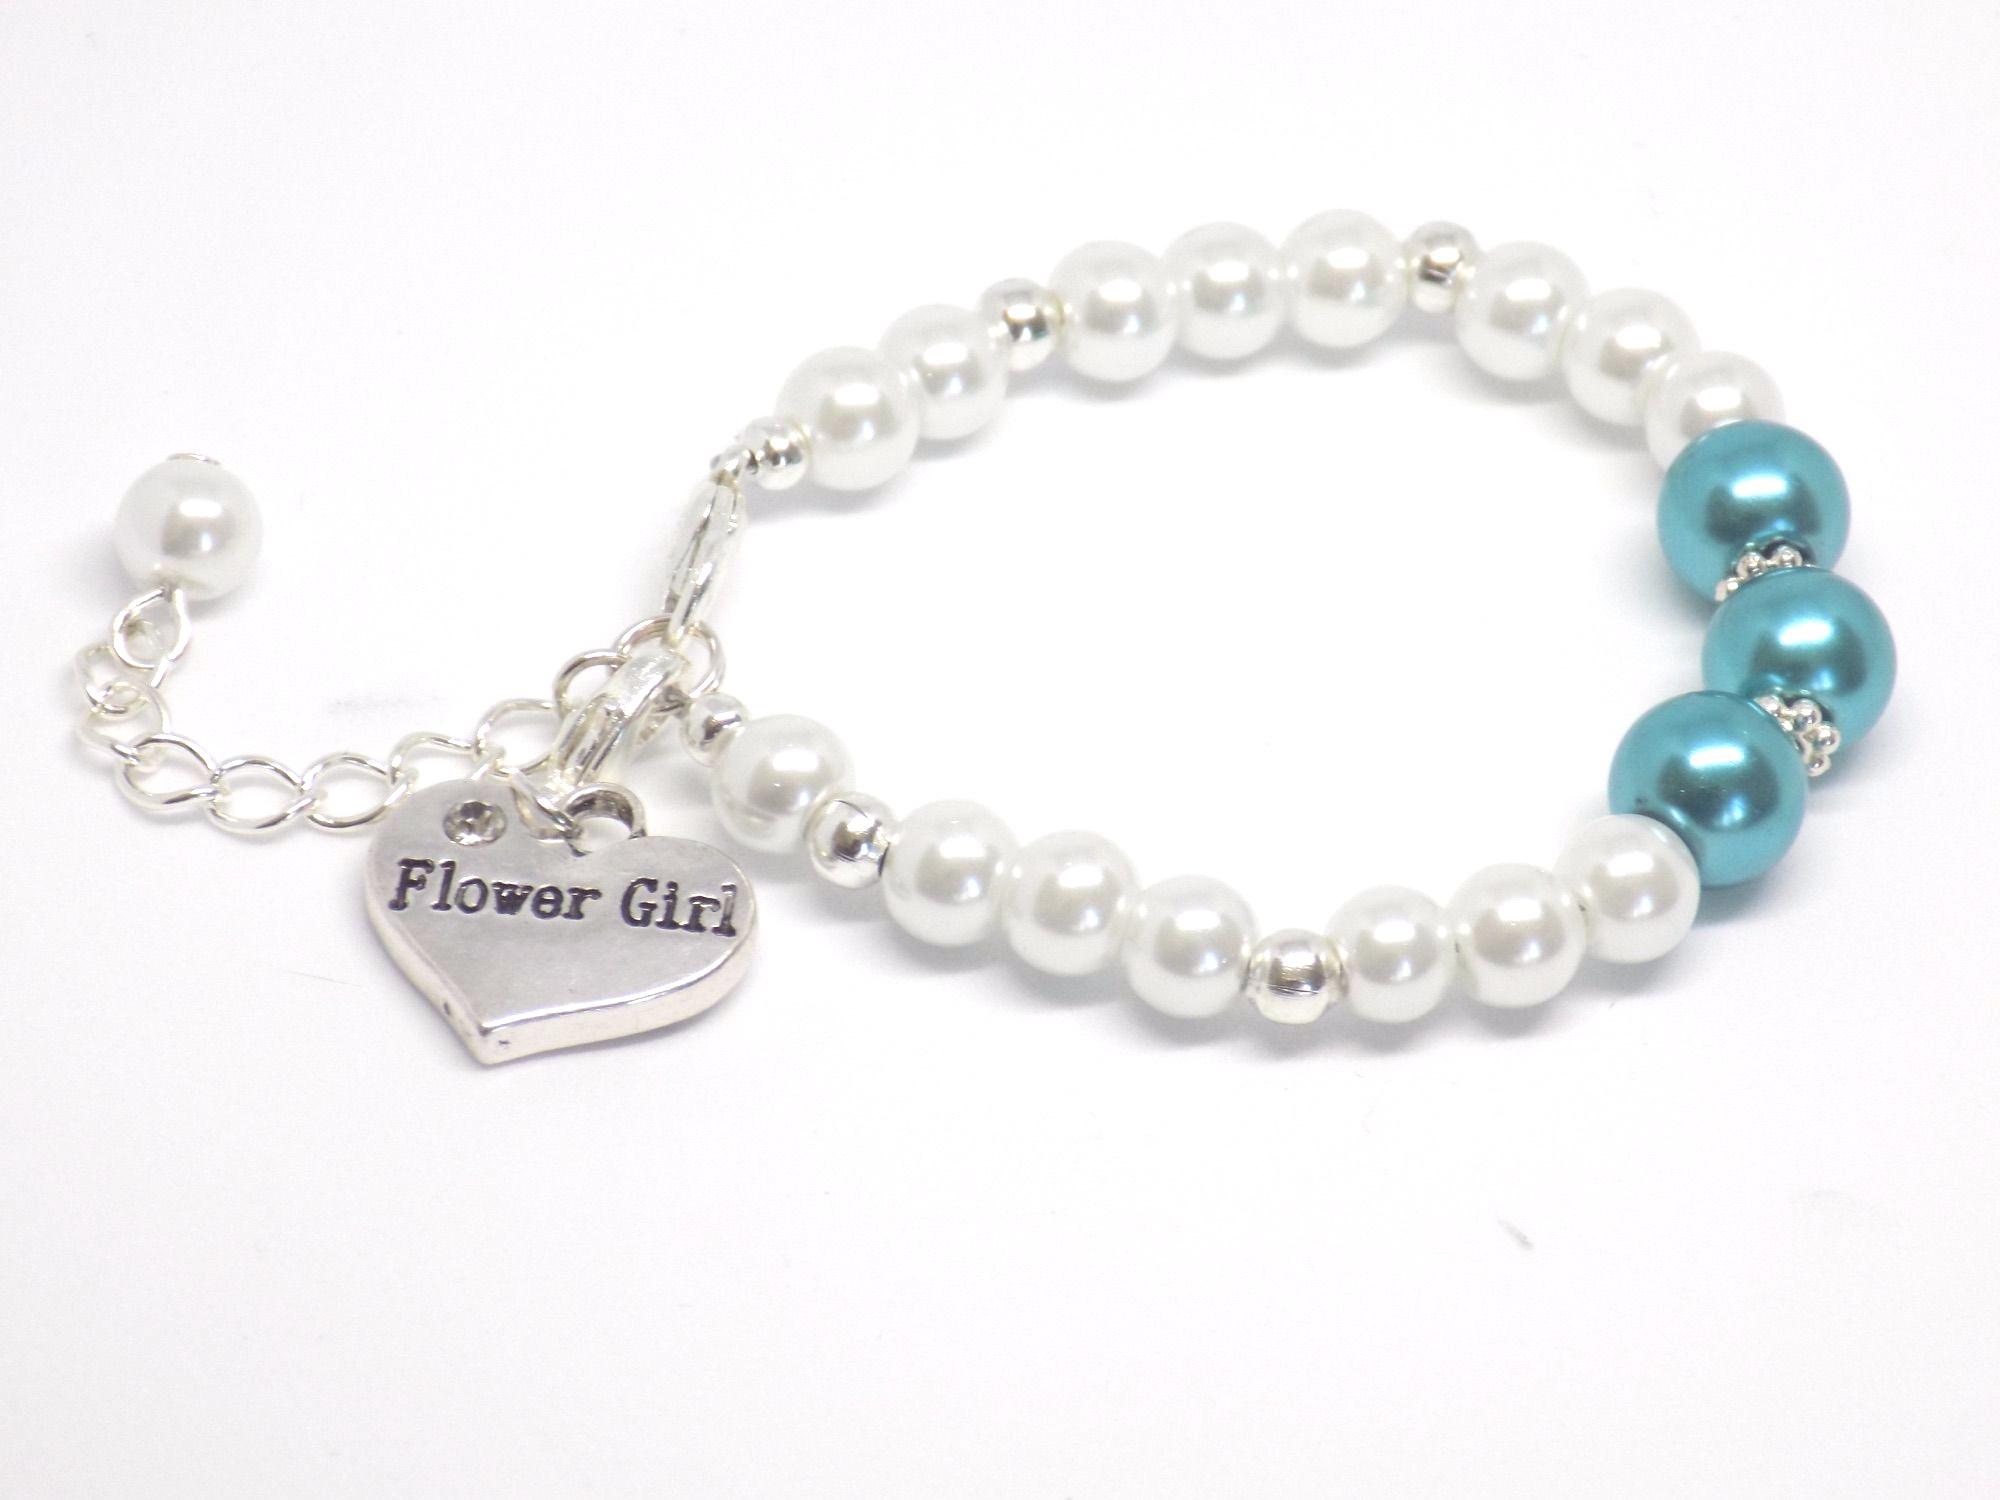 Teal Flower Girl Bracelet